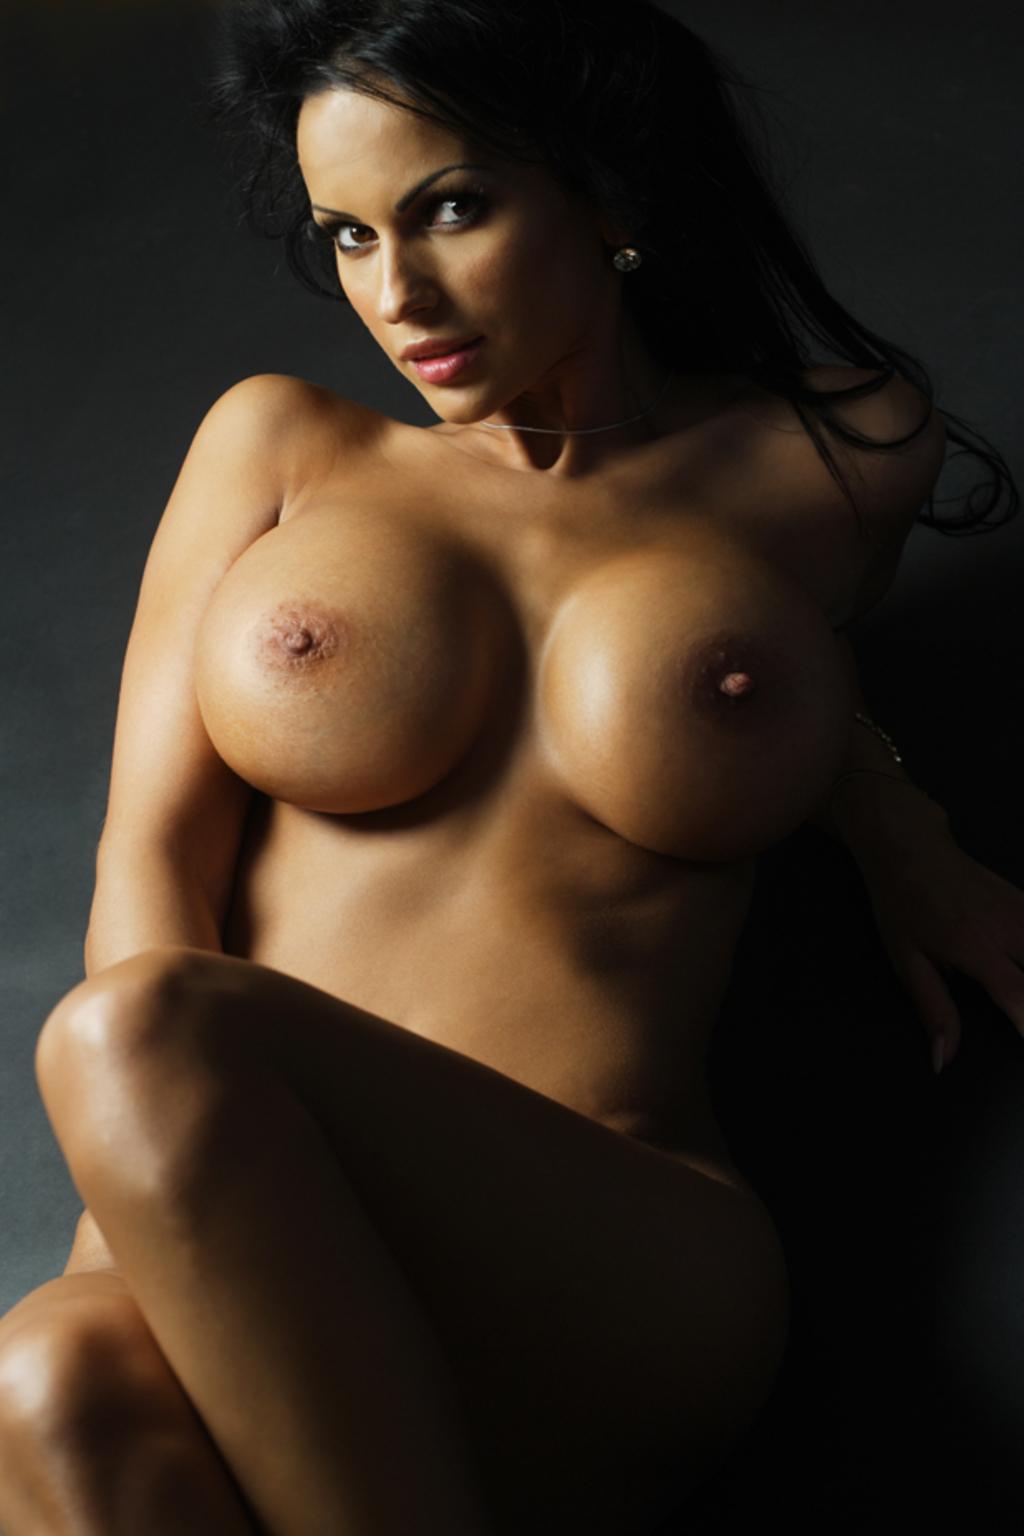 Your adina barbu boobs many thanks